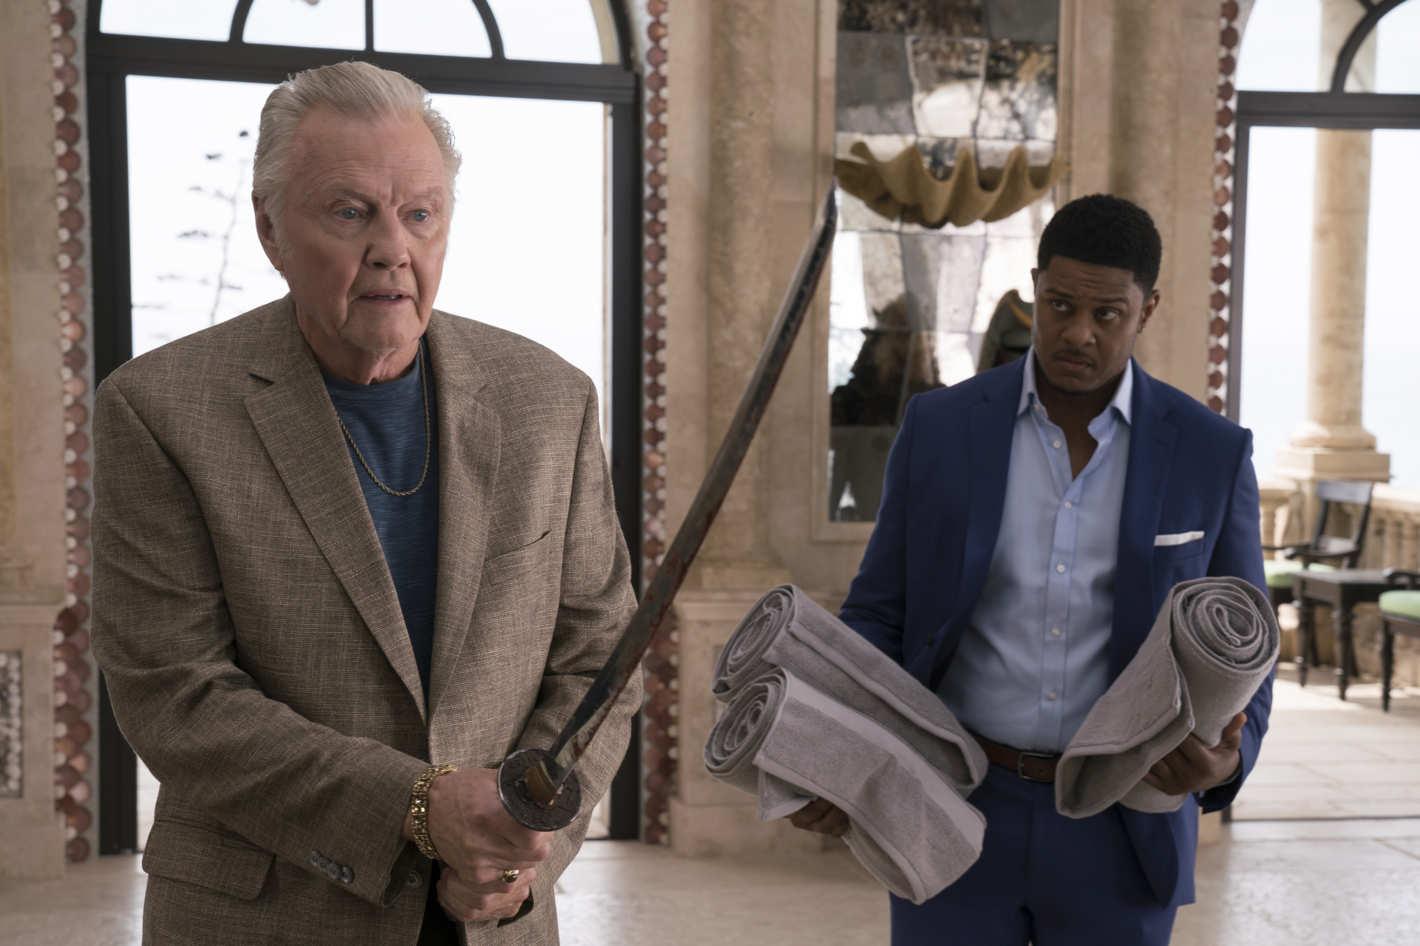 Che lo si ami o lo si odi, Mickey Donovan, interpretato dal sempreverde Jon Voight, è fra i personaggi più riusciti dell'intera serie.